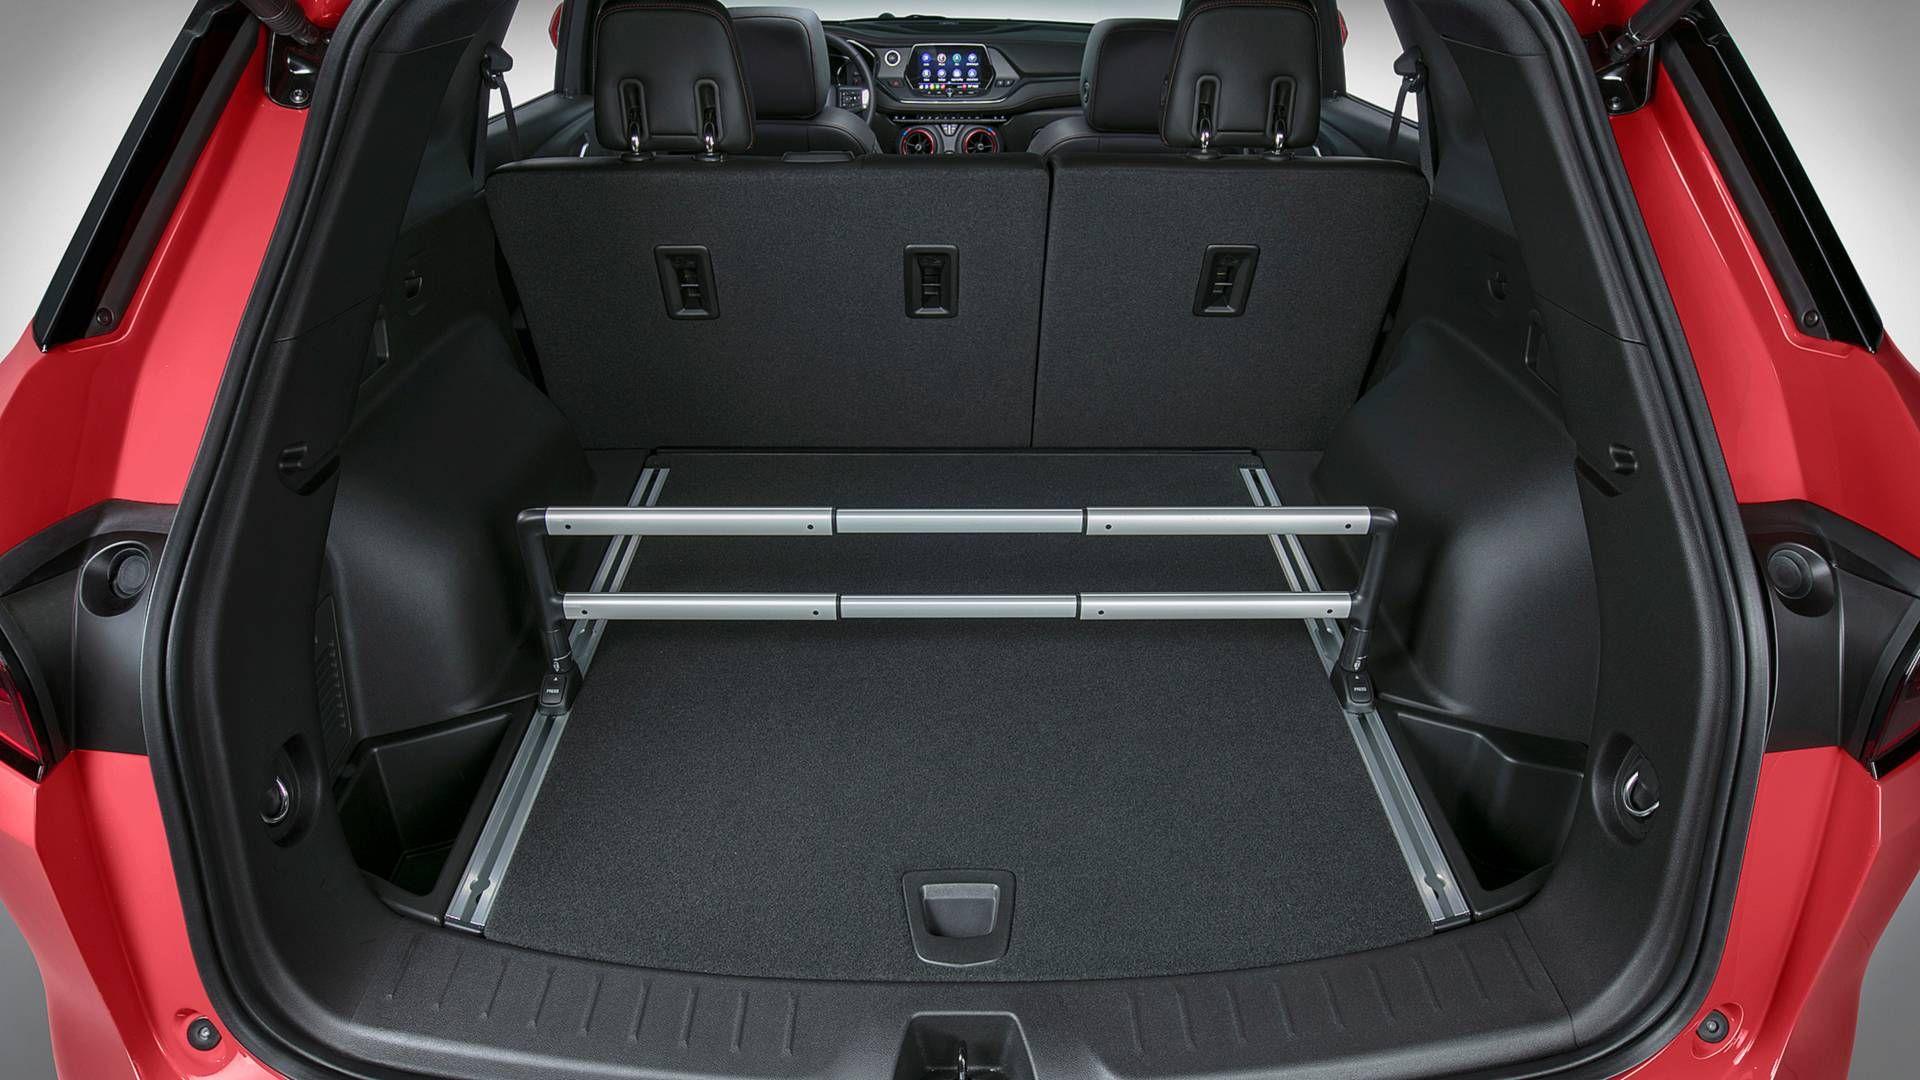 今天早些时候,雪佛兰美国官方公布了Blazer SUV的定价和配置情况